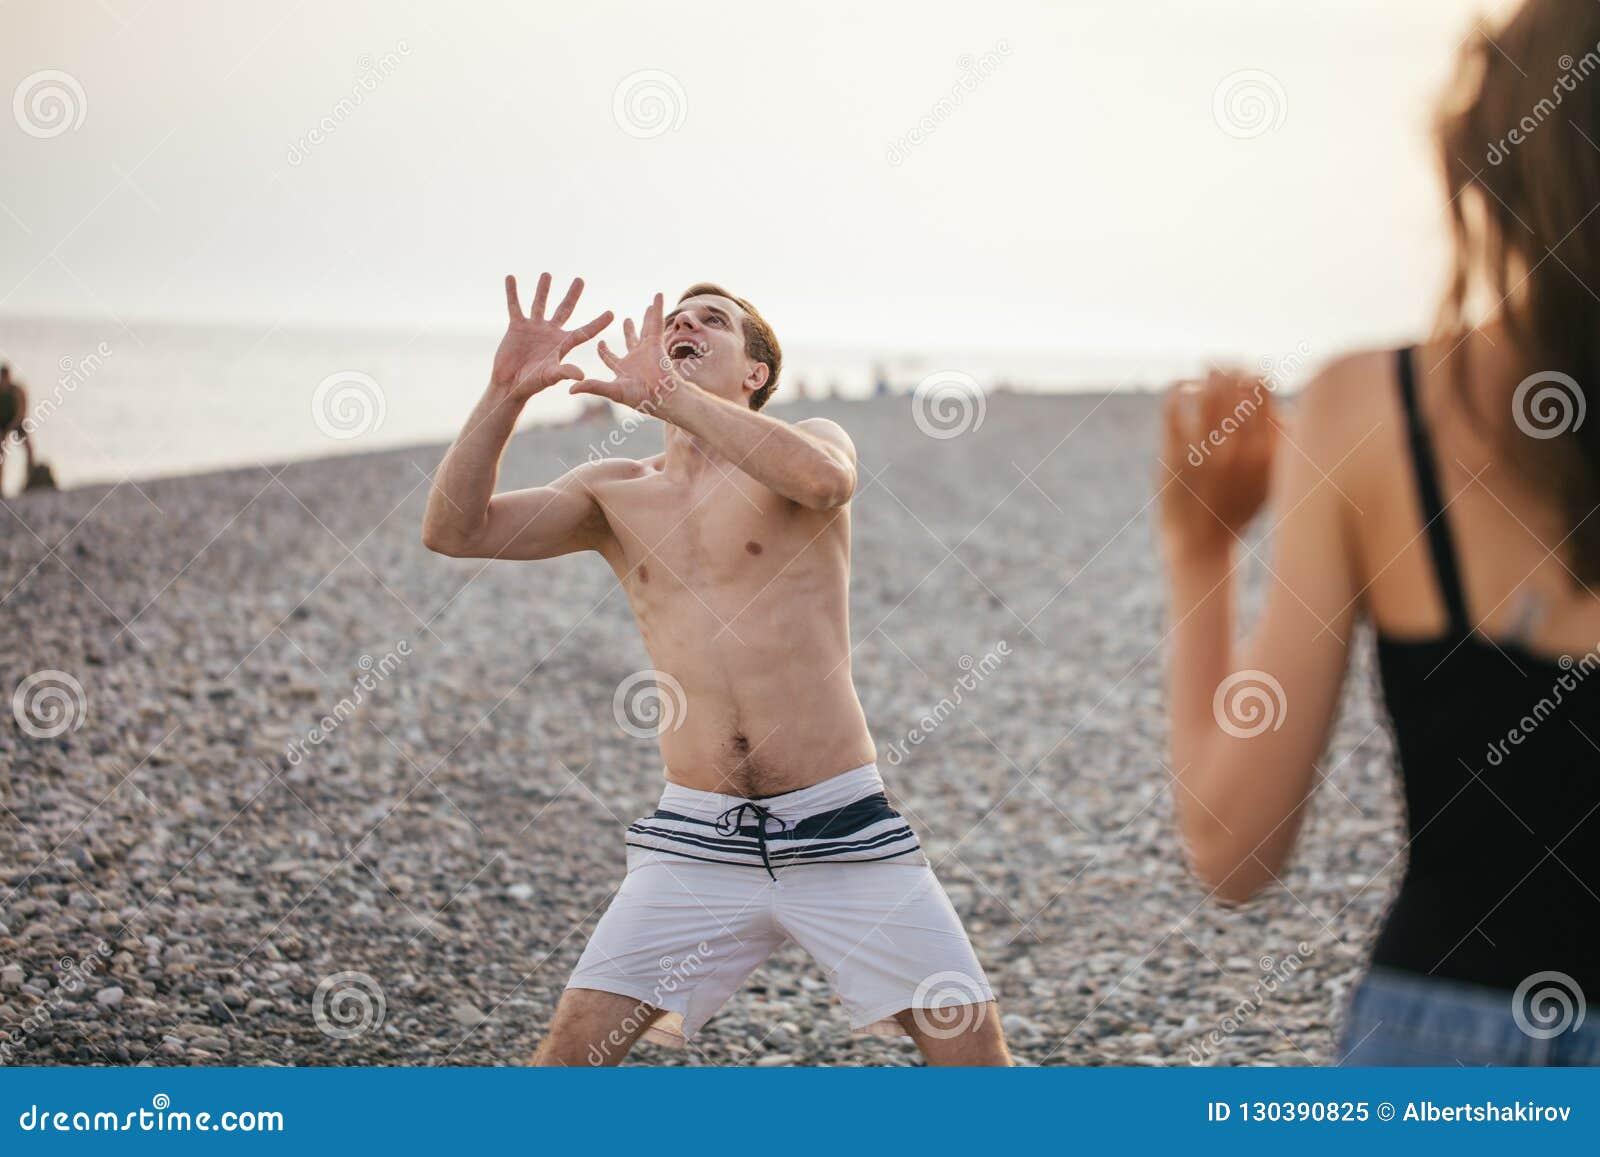 人们编组有乐趣和戏剧沙滩排球夏日